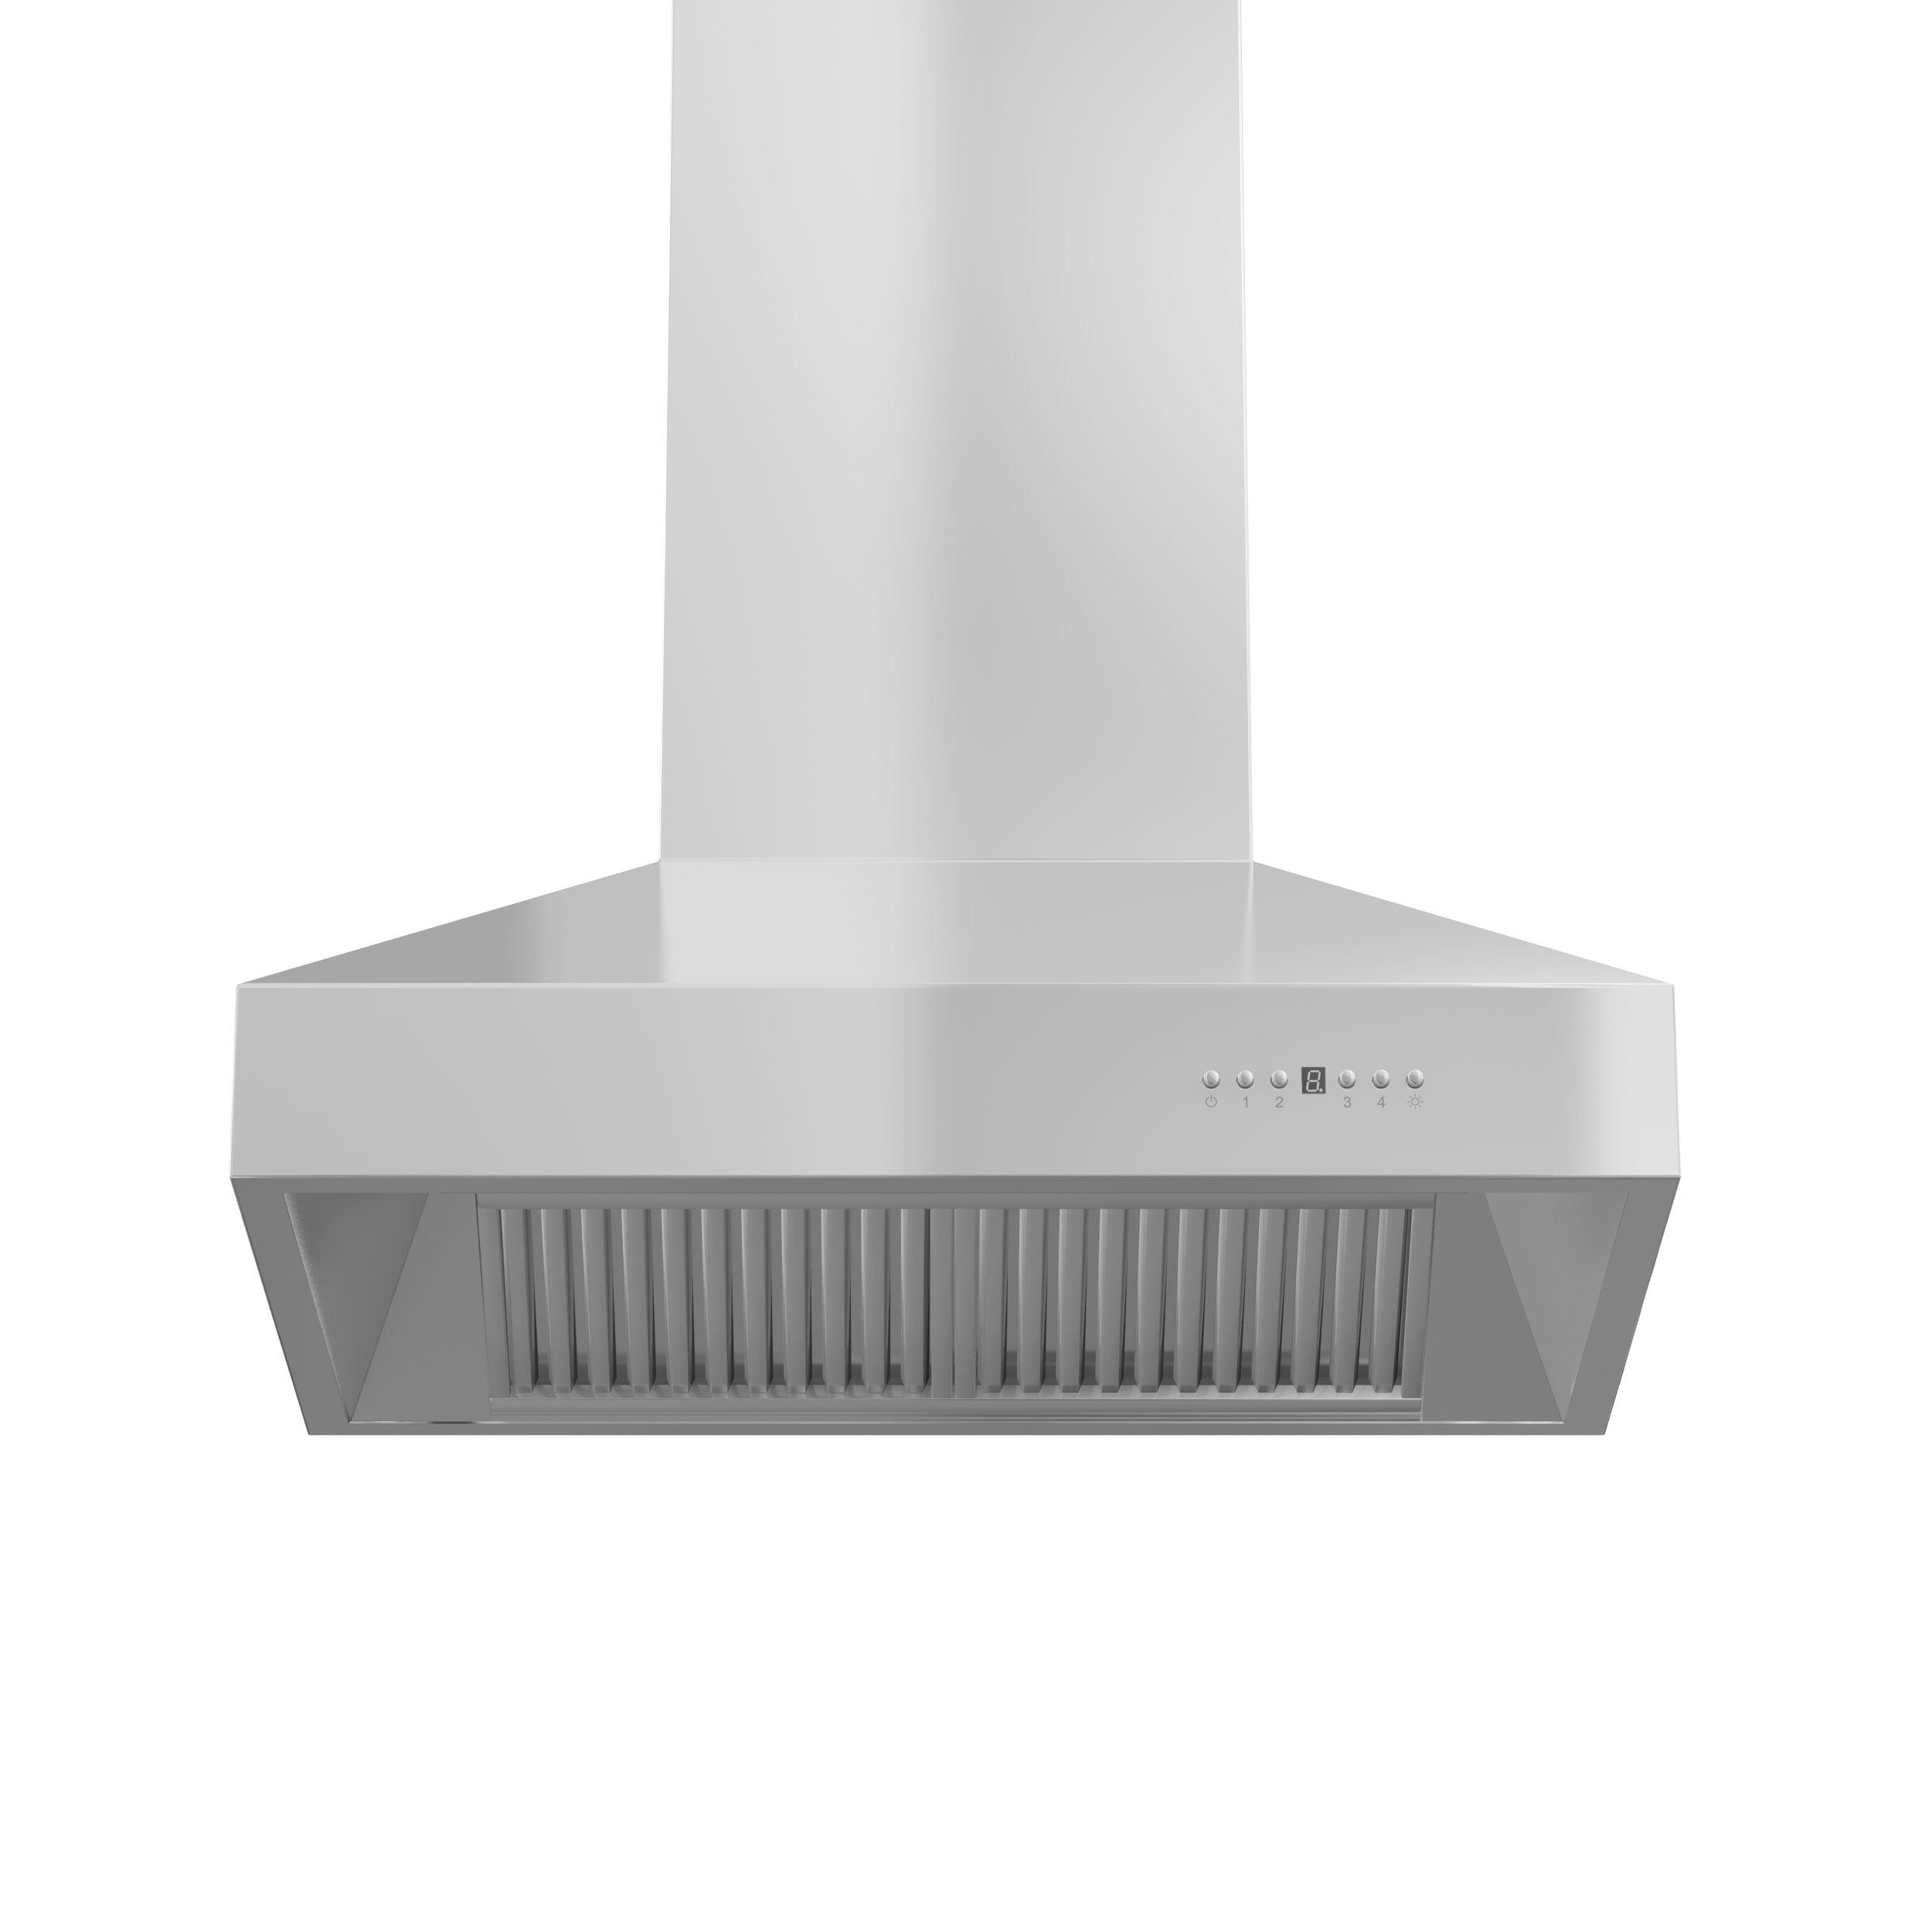 zline-stainless-steel-wall-mounted-range-hood-667-underneath.jpg